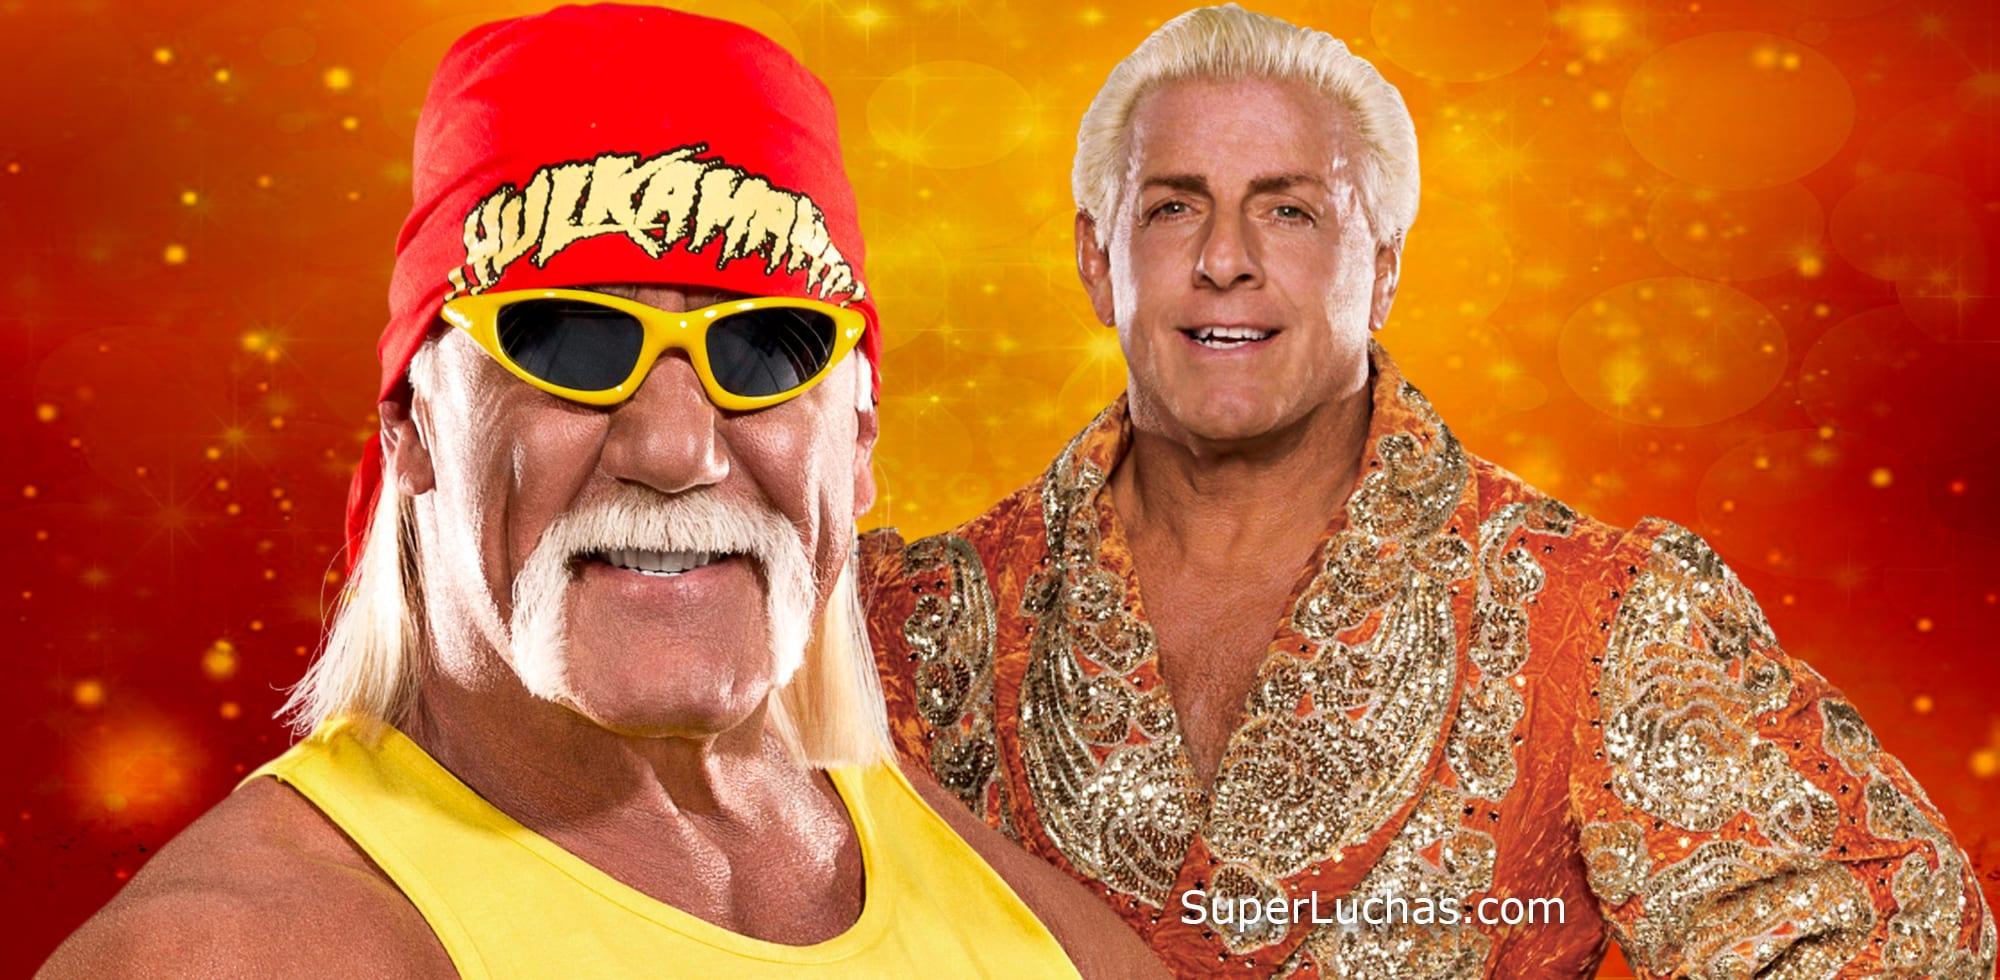 Hulk Hogan y Ric Flair / WWE© y SÚPER LUCHAS – SuperLuchas.com